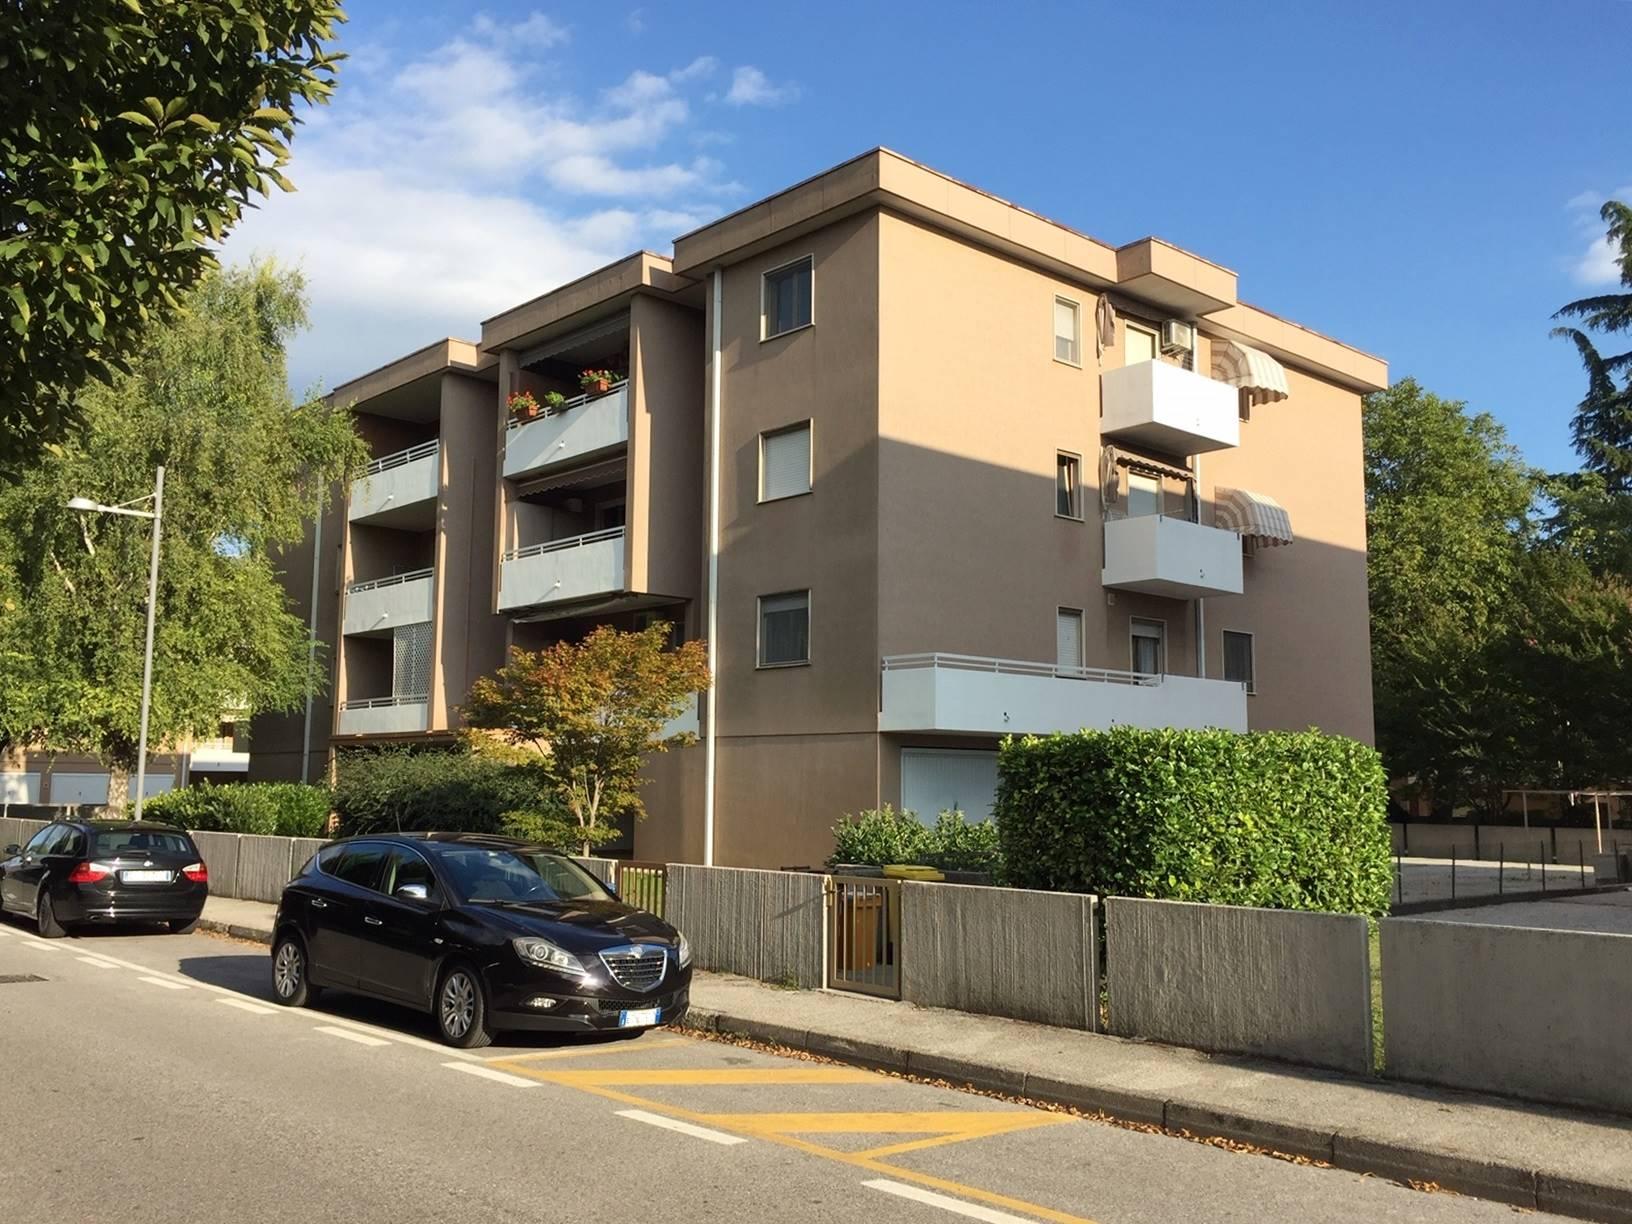 Appartamento in vendita a San Canzian d'Isonzo, 6 locali, zona Zona: Pieris, prezzo € 115.000 | CambioCasa.it